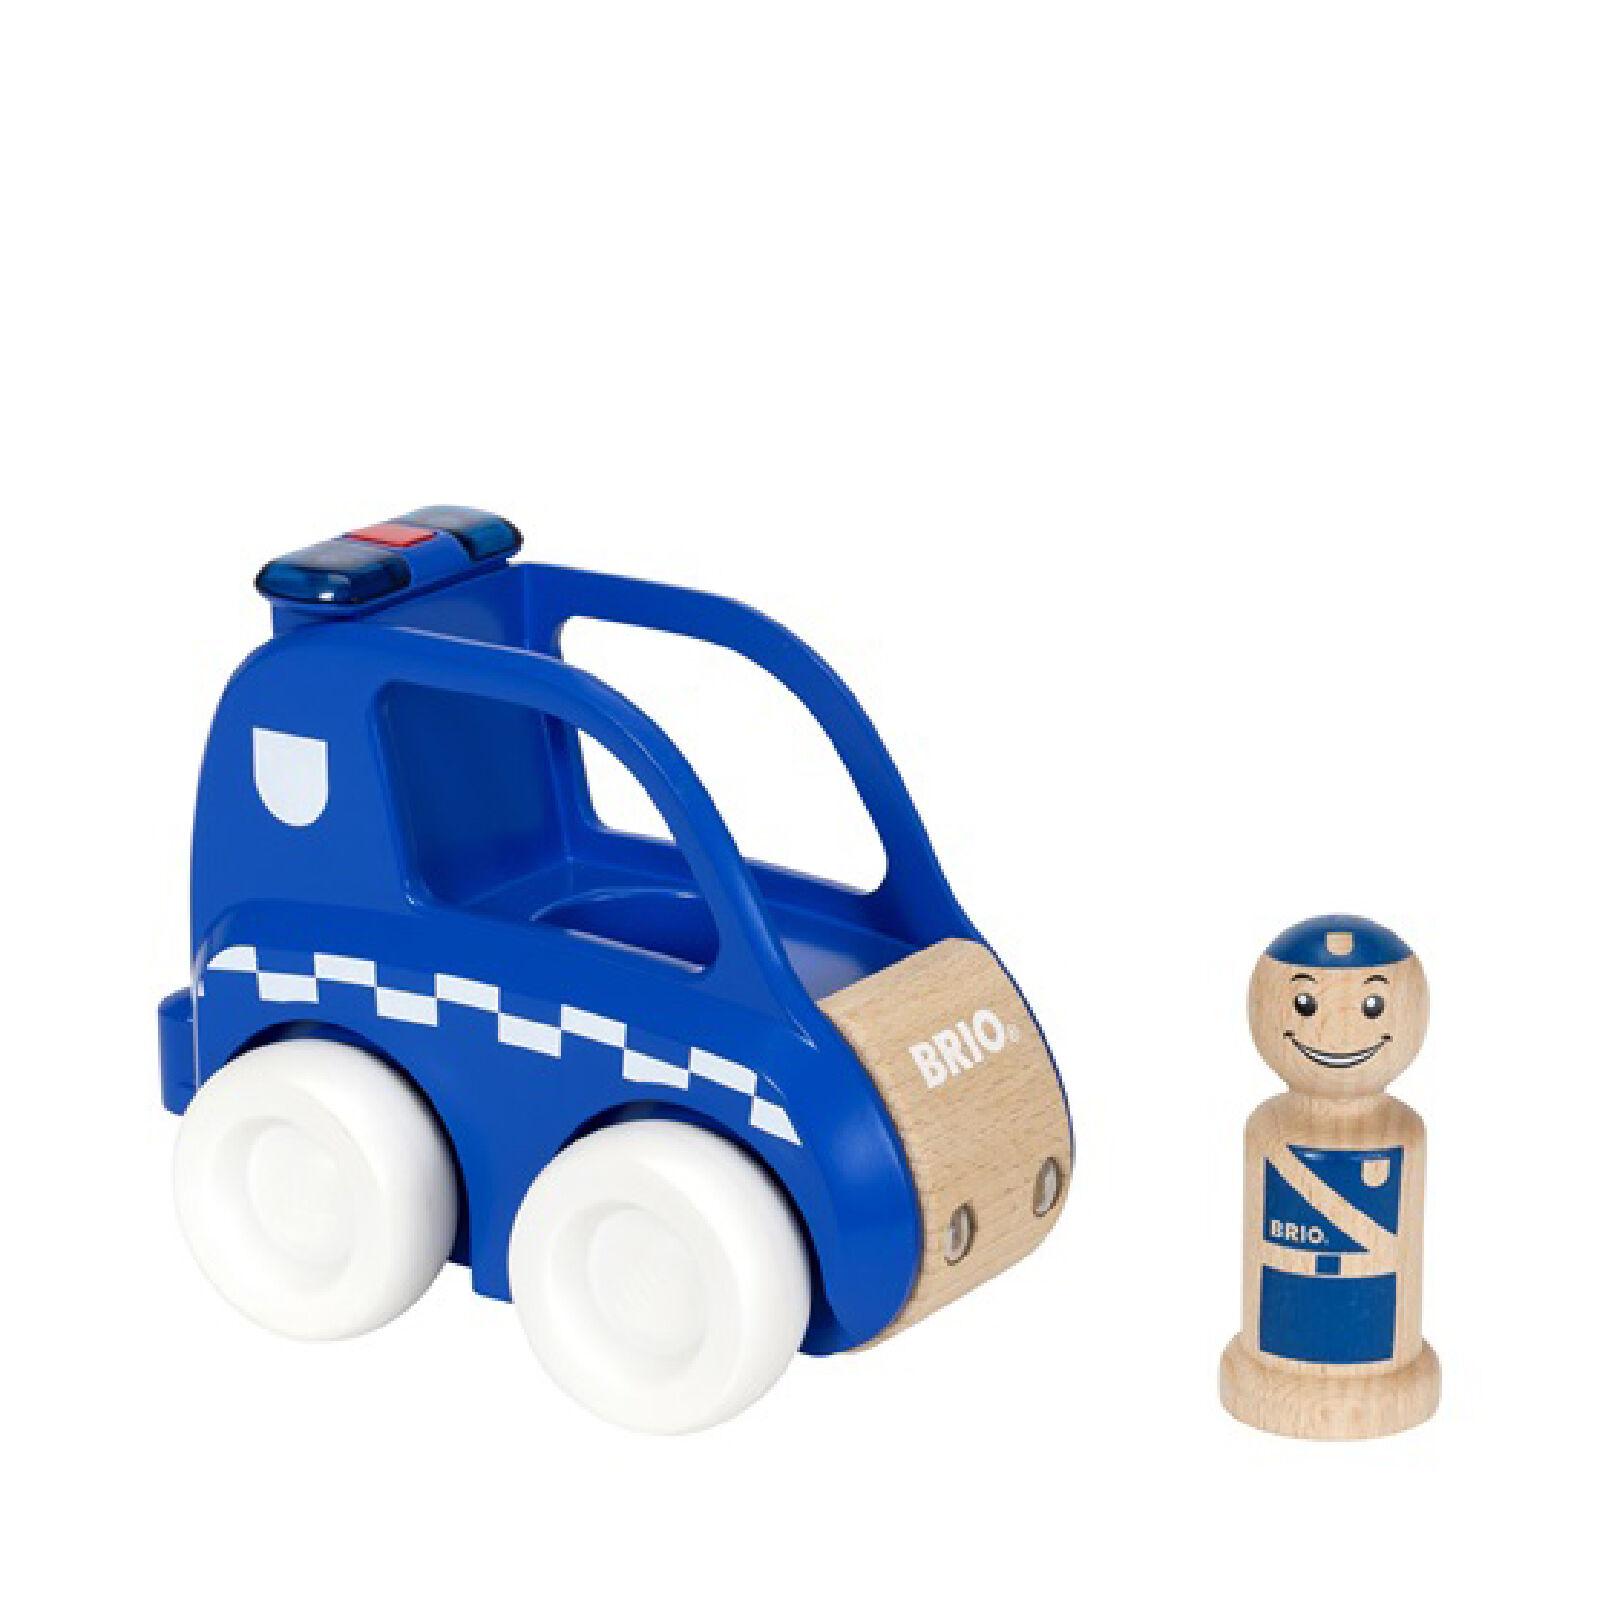 Brio Light and Sound Police Car